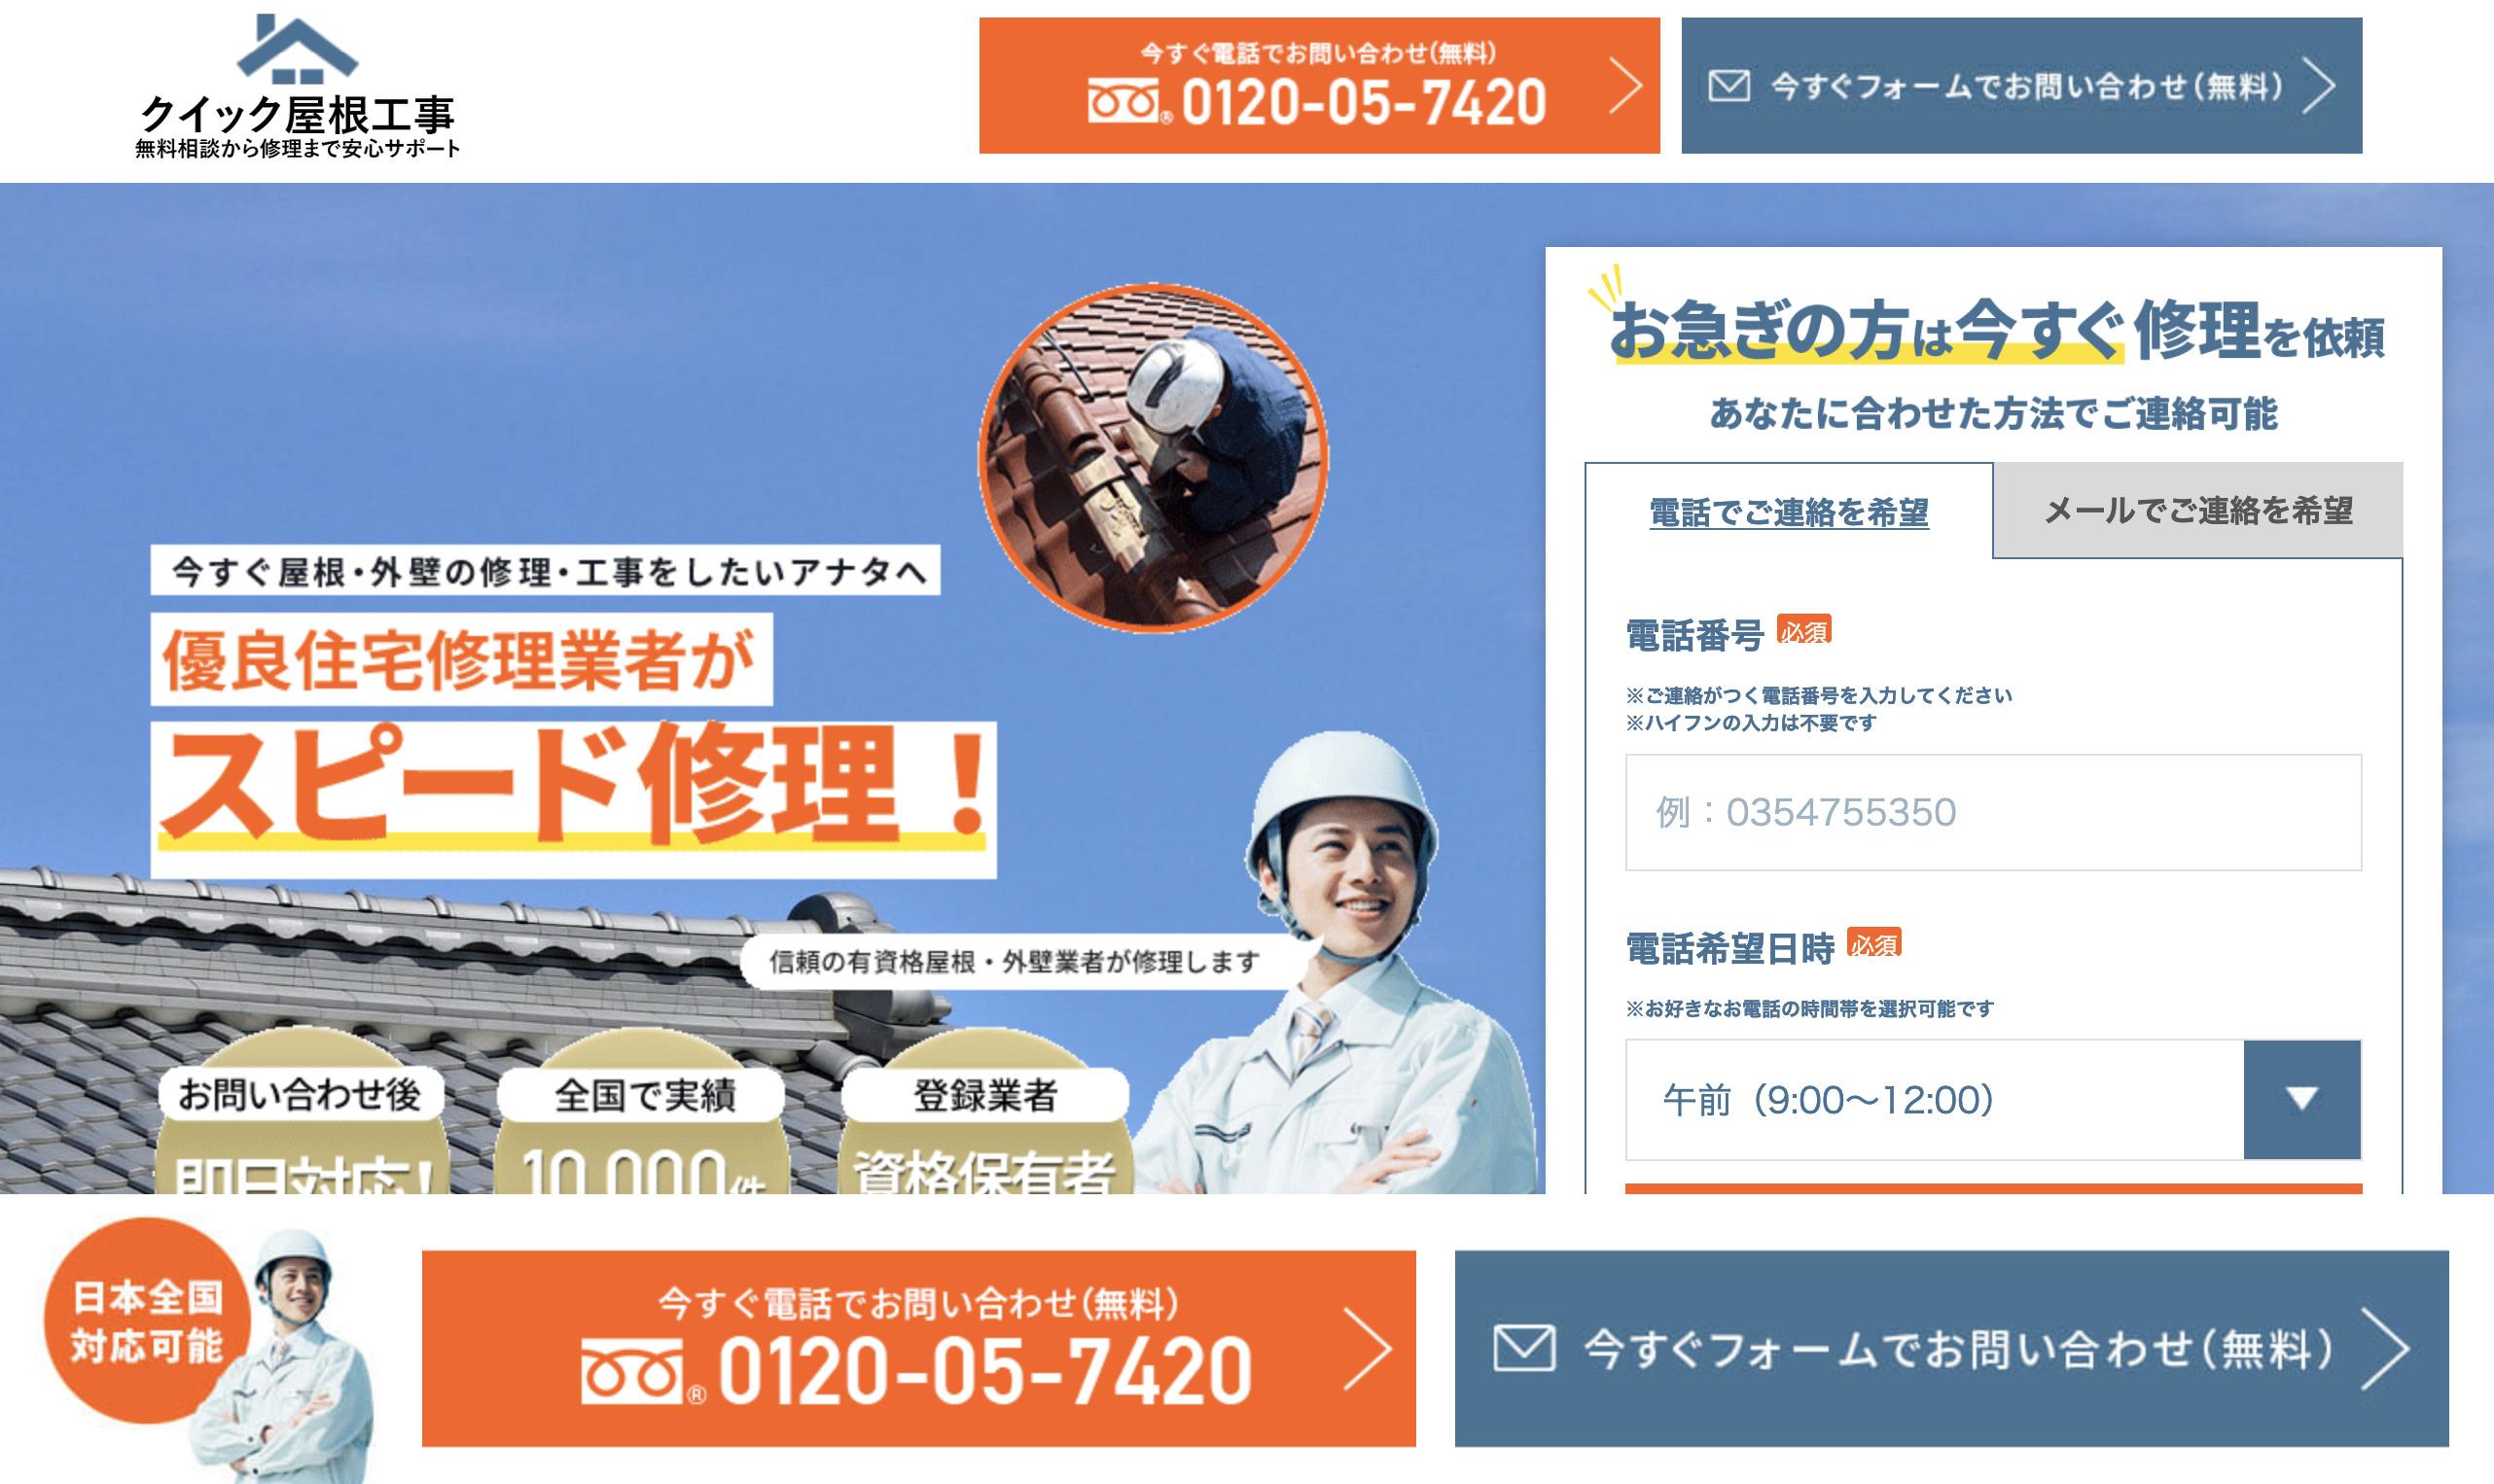 ギラギラ編:Terra Reform株式会社『クイック屋根工事』